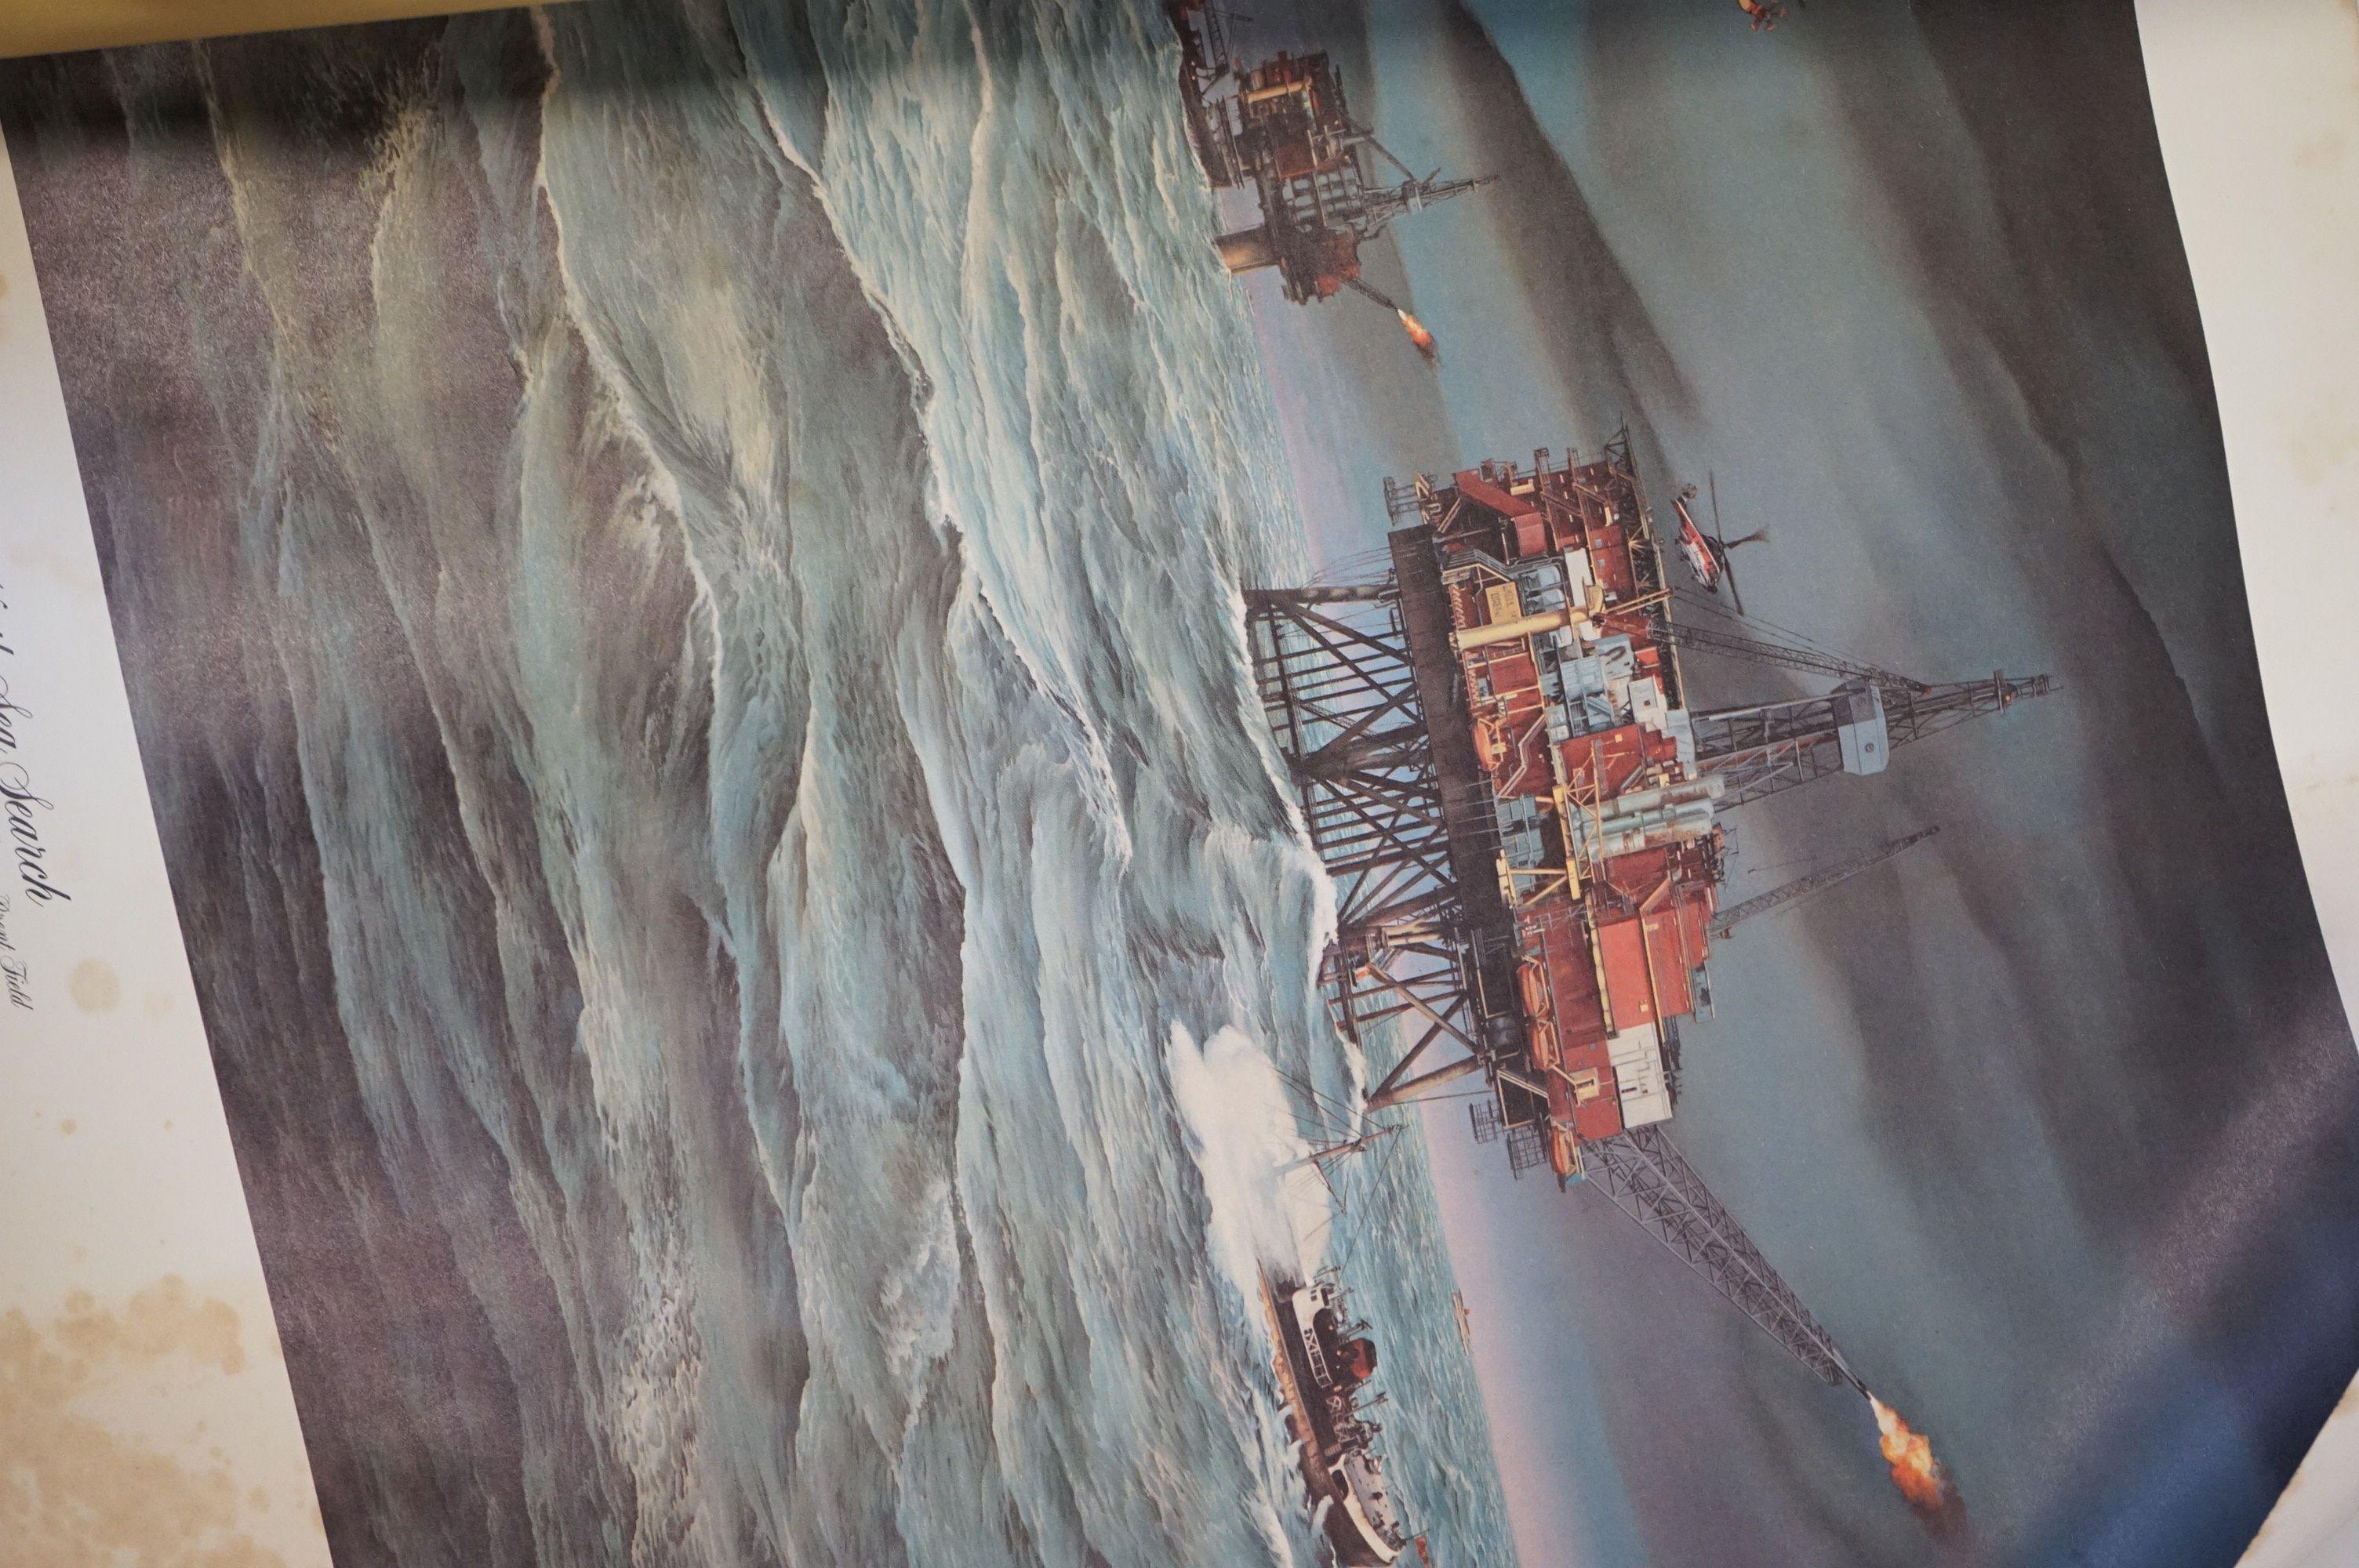 Set of Twelve Prints of CP Air Airplanes taken from paintings of West Coast Artist Robert Banks - Image 2 of 4